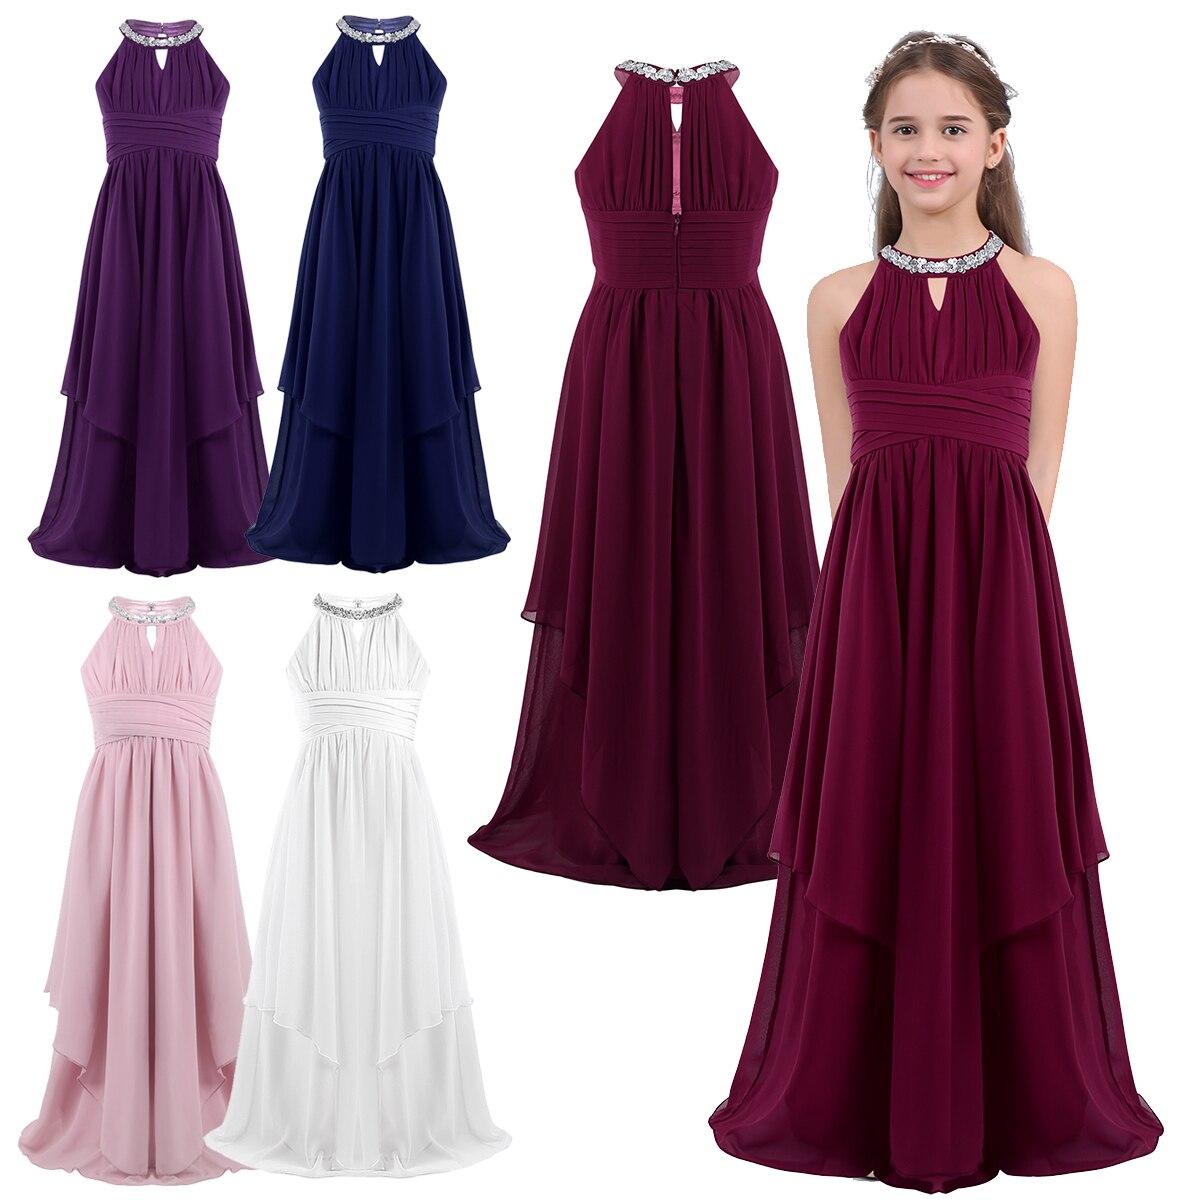 inlzdz Vestido para ni/ña sin mangas encaje de gasa para boda vestido de princesa de fiesta de 2 a 14 a/ños dama de honor con lentejuelas